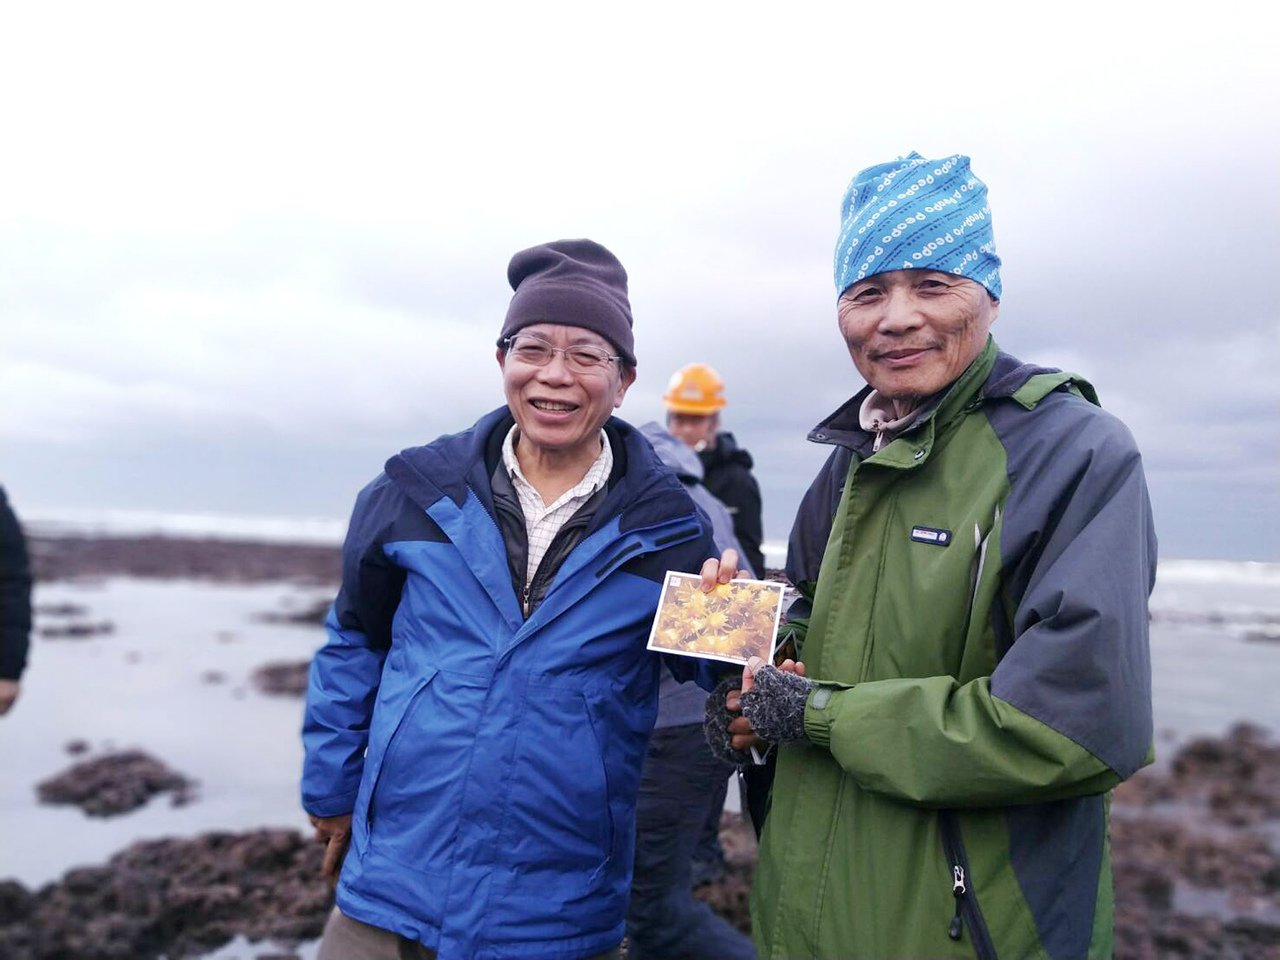 桃園在地聯盟理事長潘忠政(右)將大潭藻礁生長的濱危柴山多杯孔珊瑚等藻礁照片,提供...